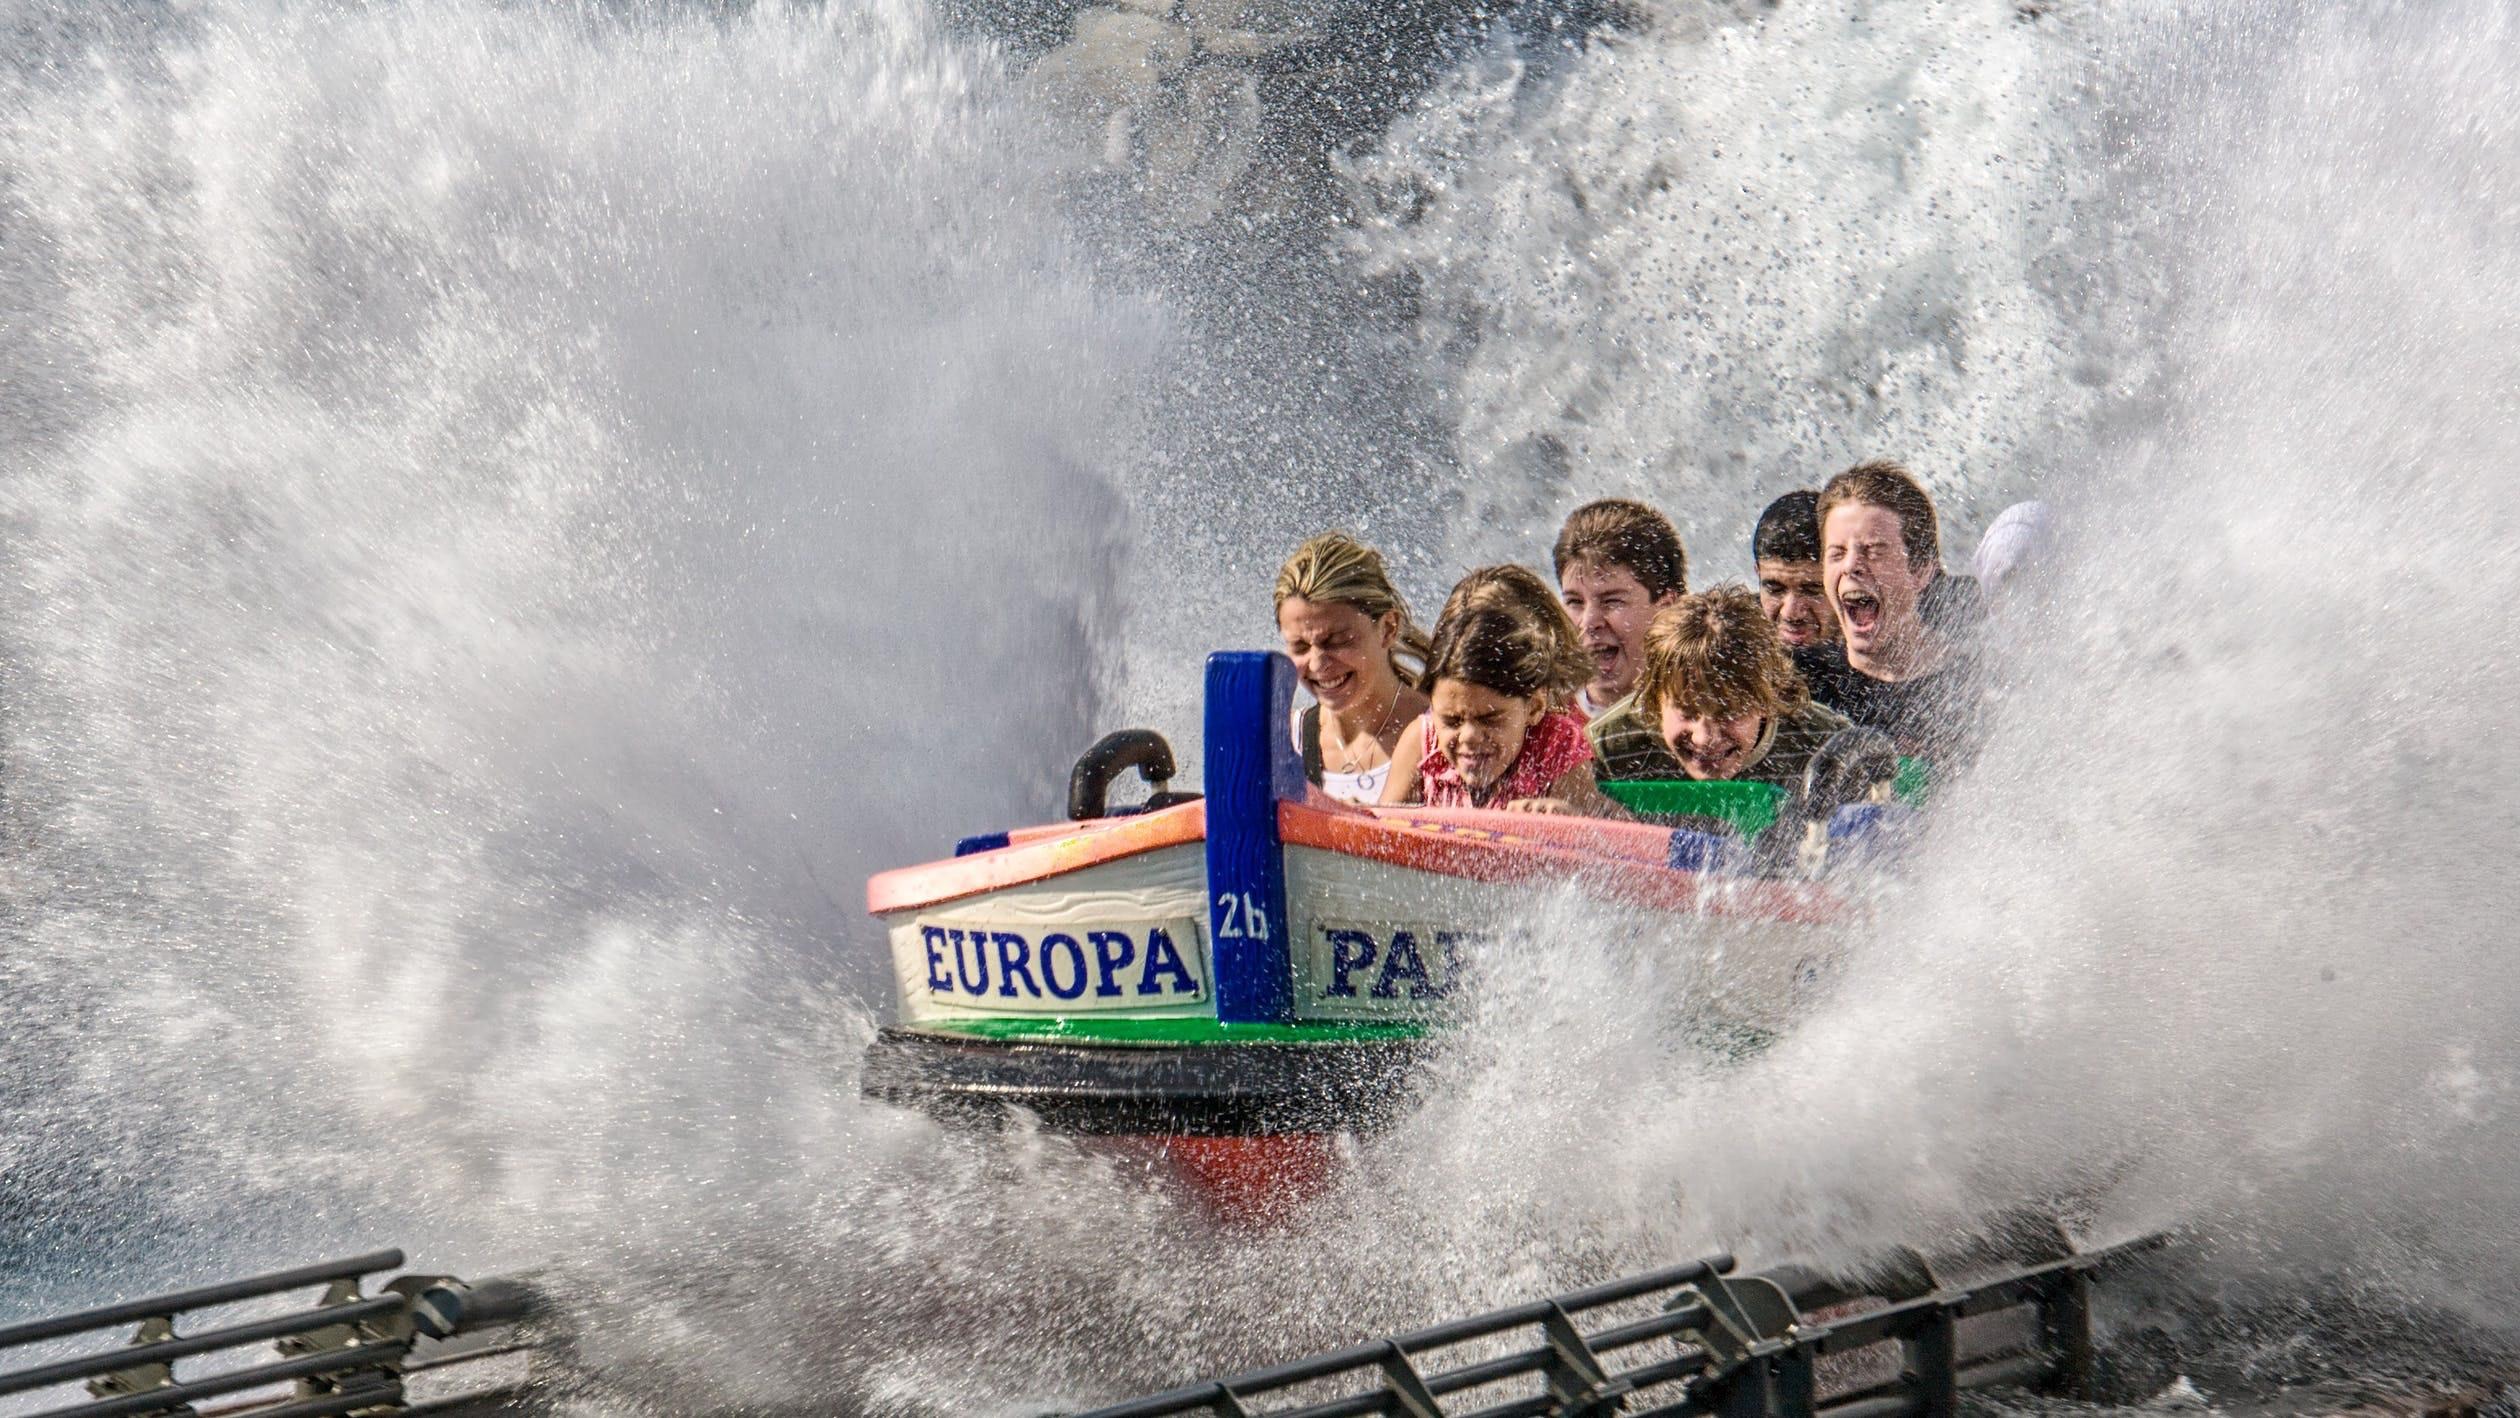 europa-park boat splash rust duitsland